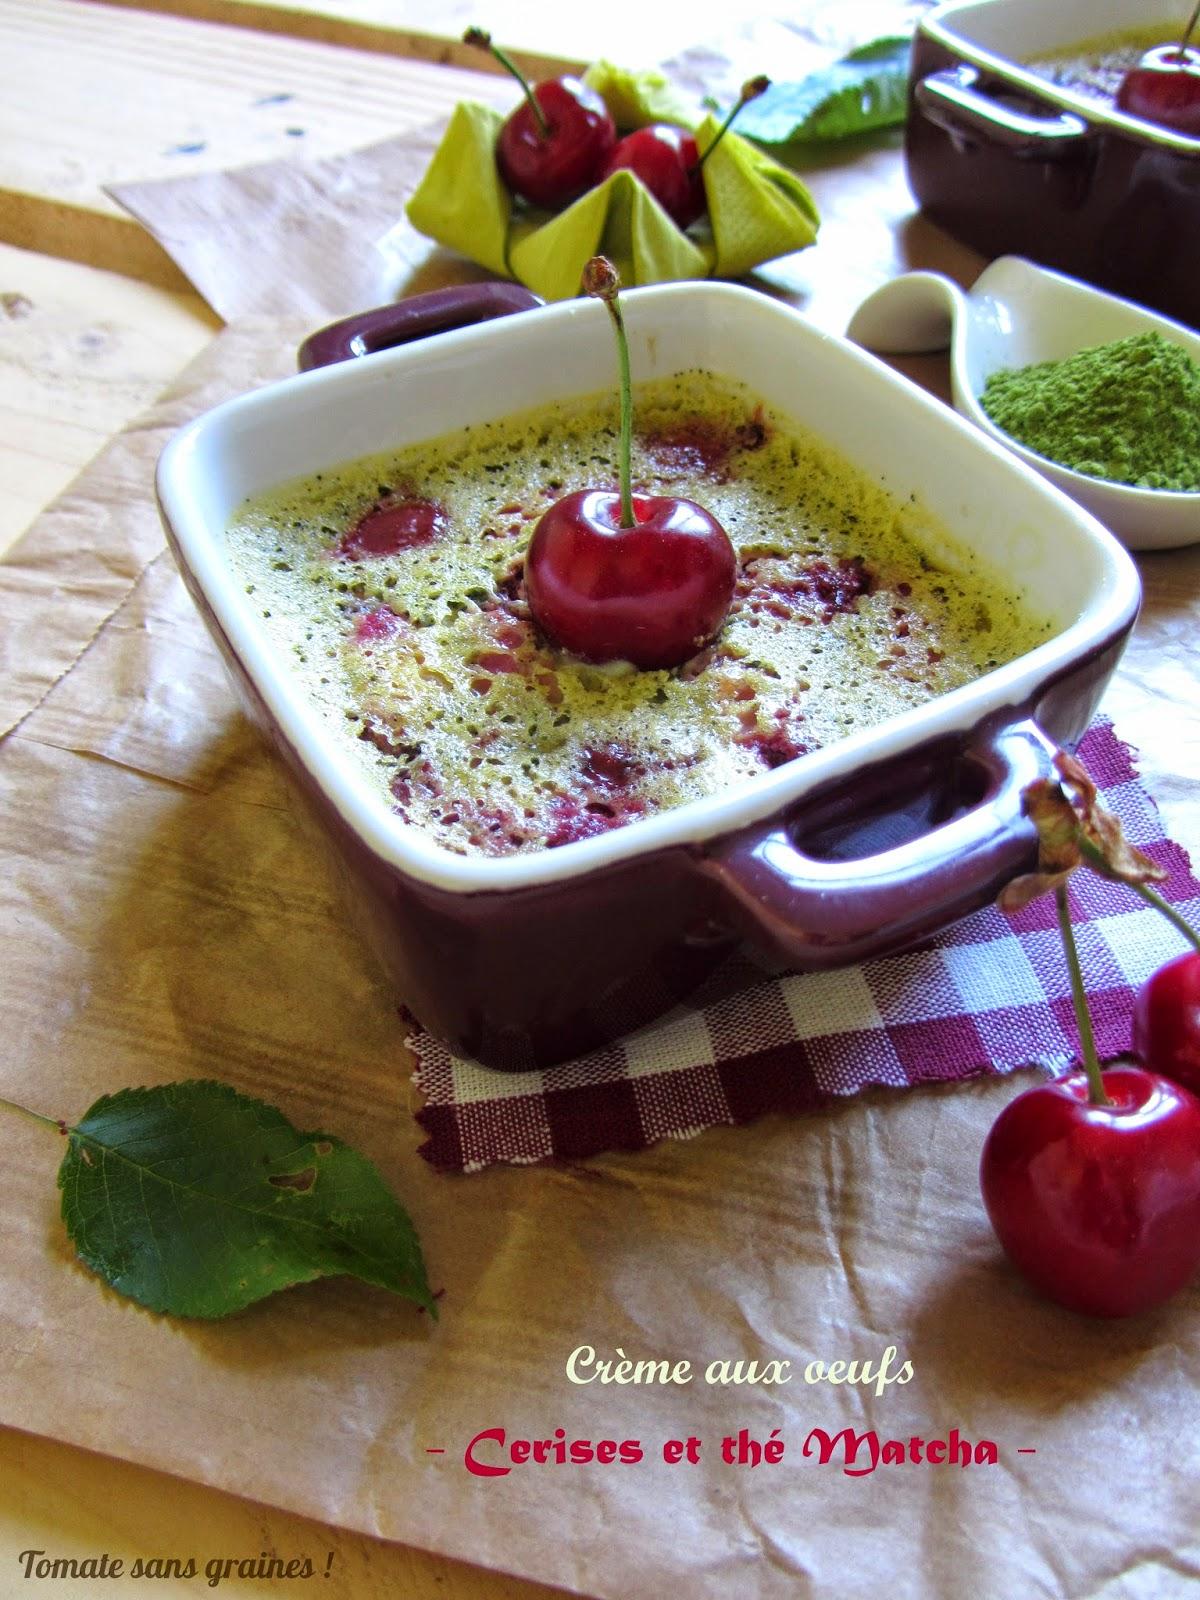 tomate sans graines green lifestyle cr mes dessert aux cerises et au th matcha. Black Bedroom Furniture Sets. Home Design Ideas